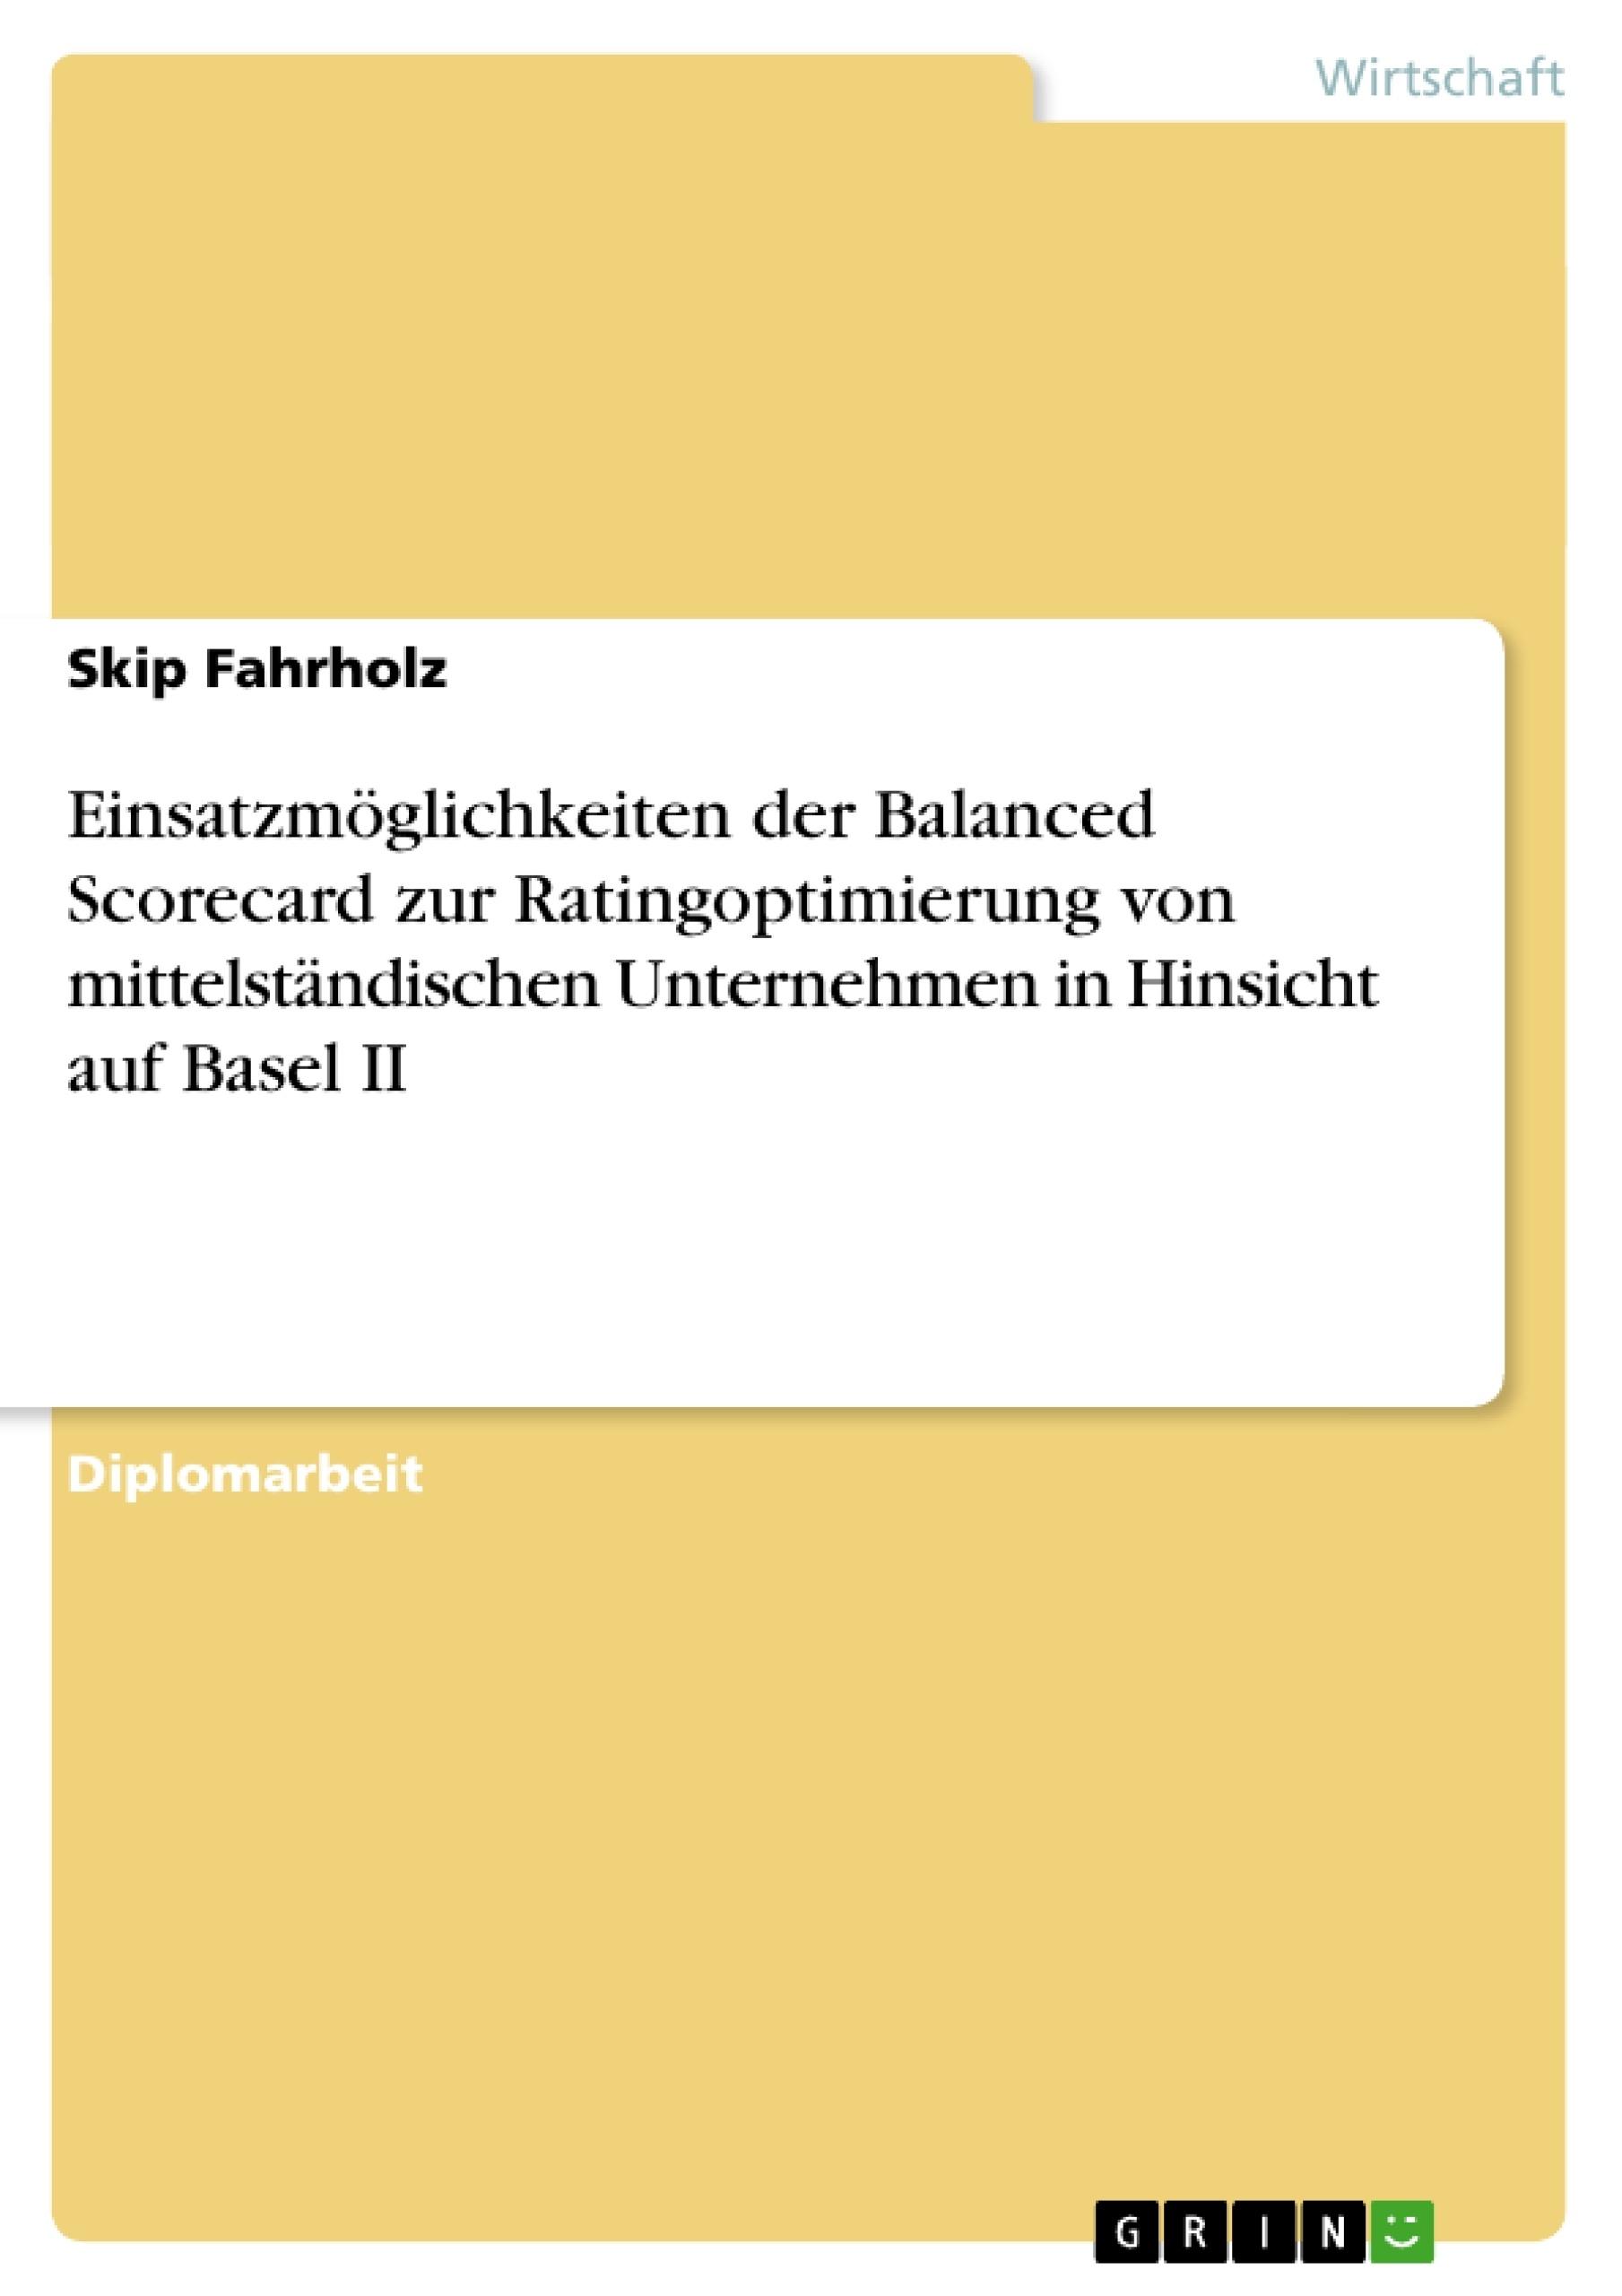 Titel: Einsatzmöglichkeiten der Balanced Scorecard zur Ratingoptimierung von mittelständischen Unternehmen in Hinsicht auf Basel II